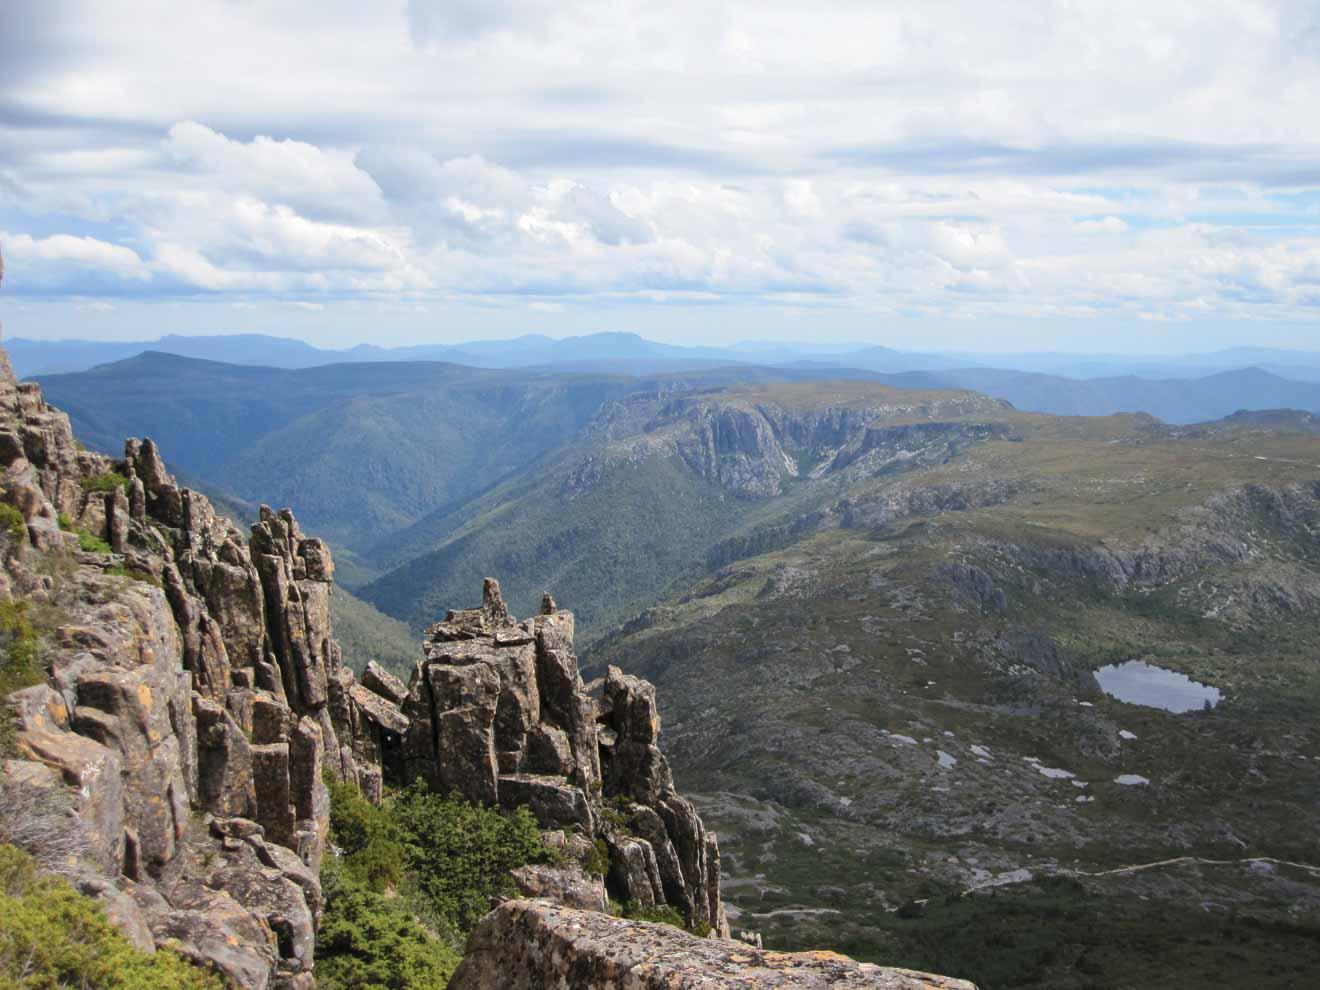 Randonnée en montagne par voie terrestre